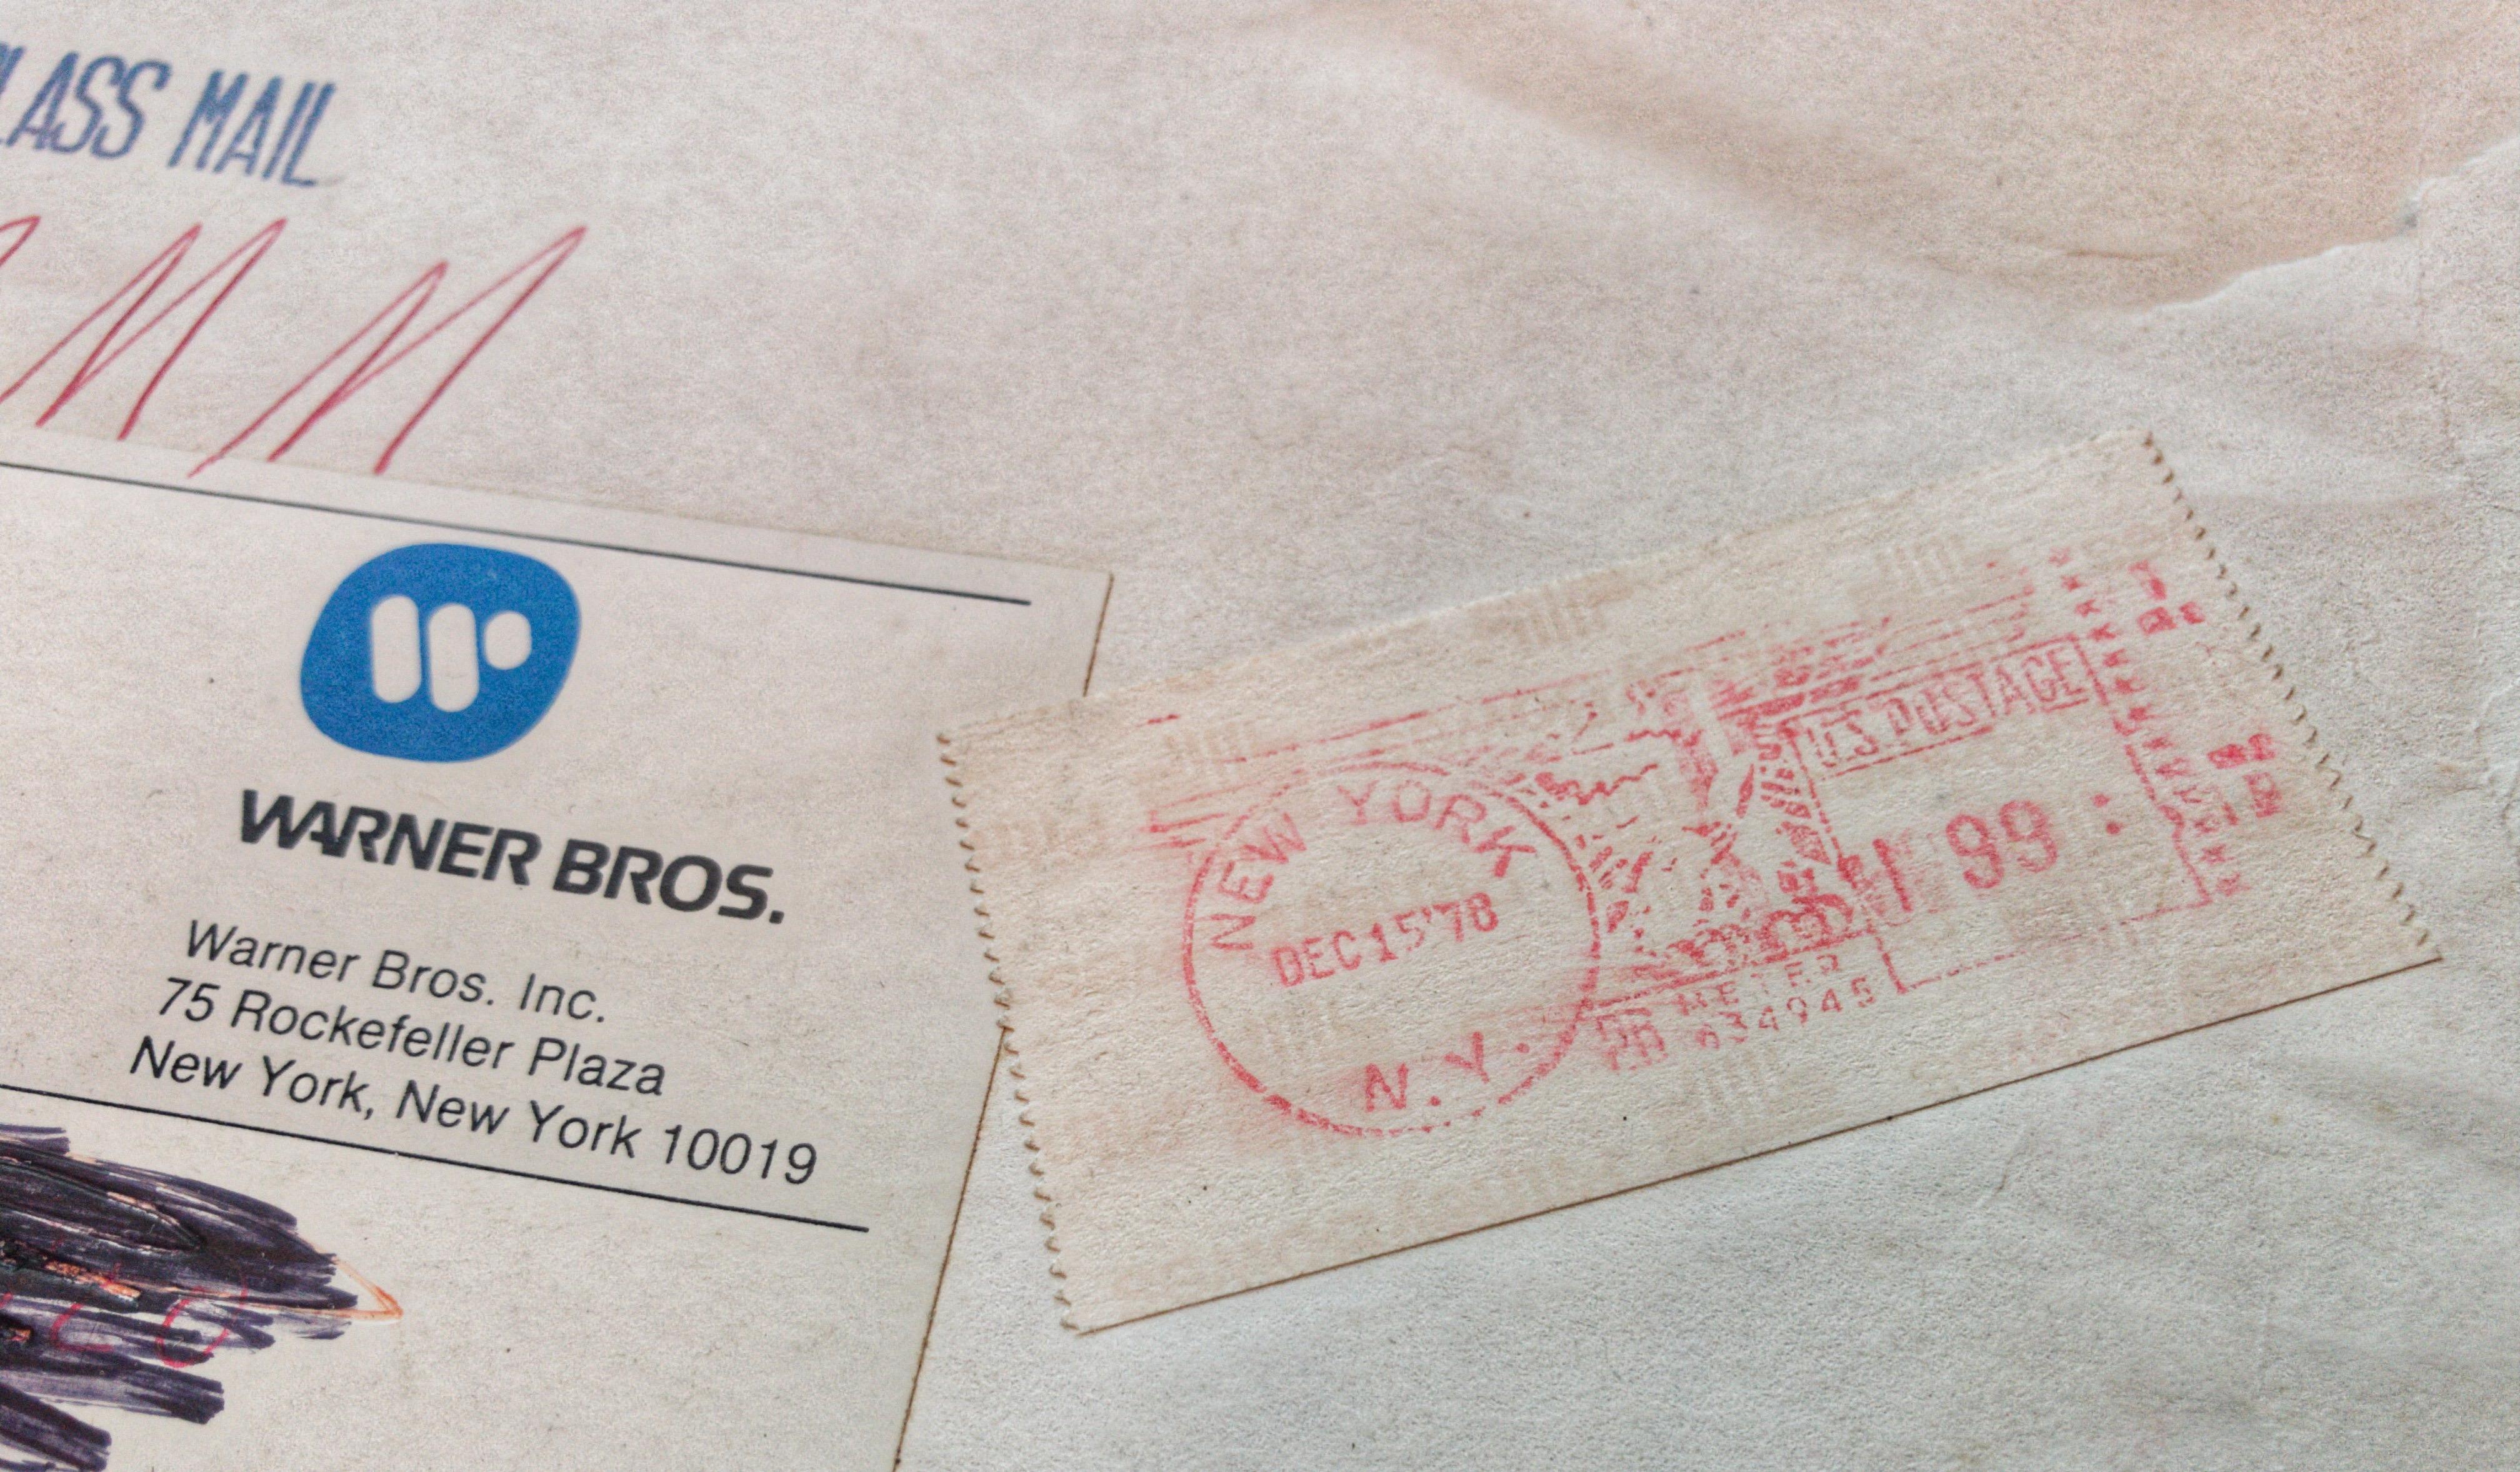 CW-STM-press-kit-postmark-12-15-78